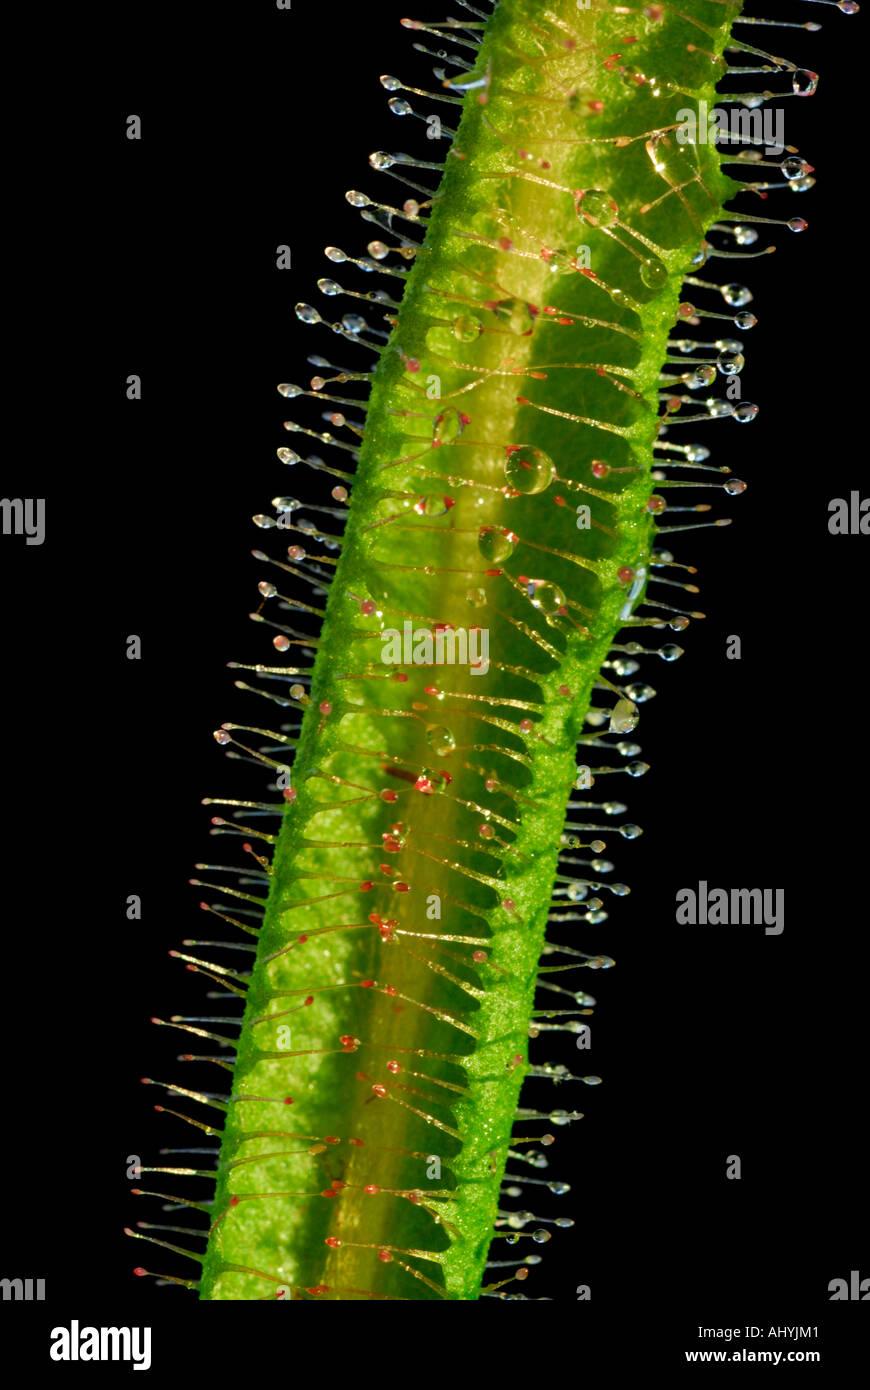 Sundew, Drosera sp, pianta carnivora con mucose appiccicoso coperto i peli per intrappolare insetti Immagini Stock